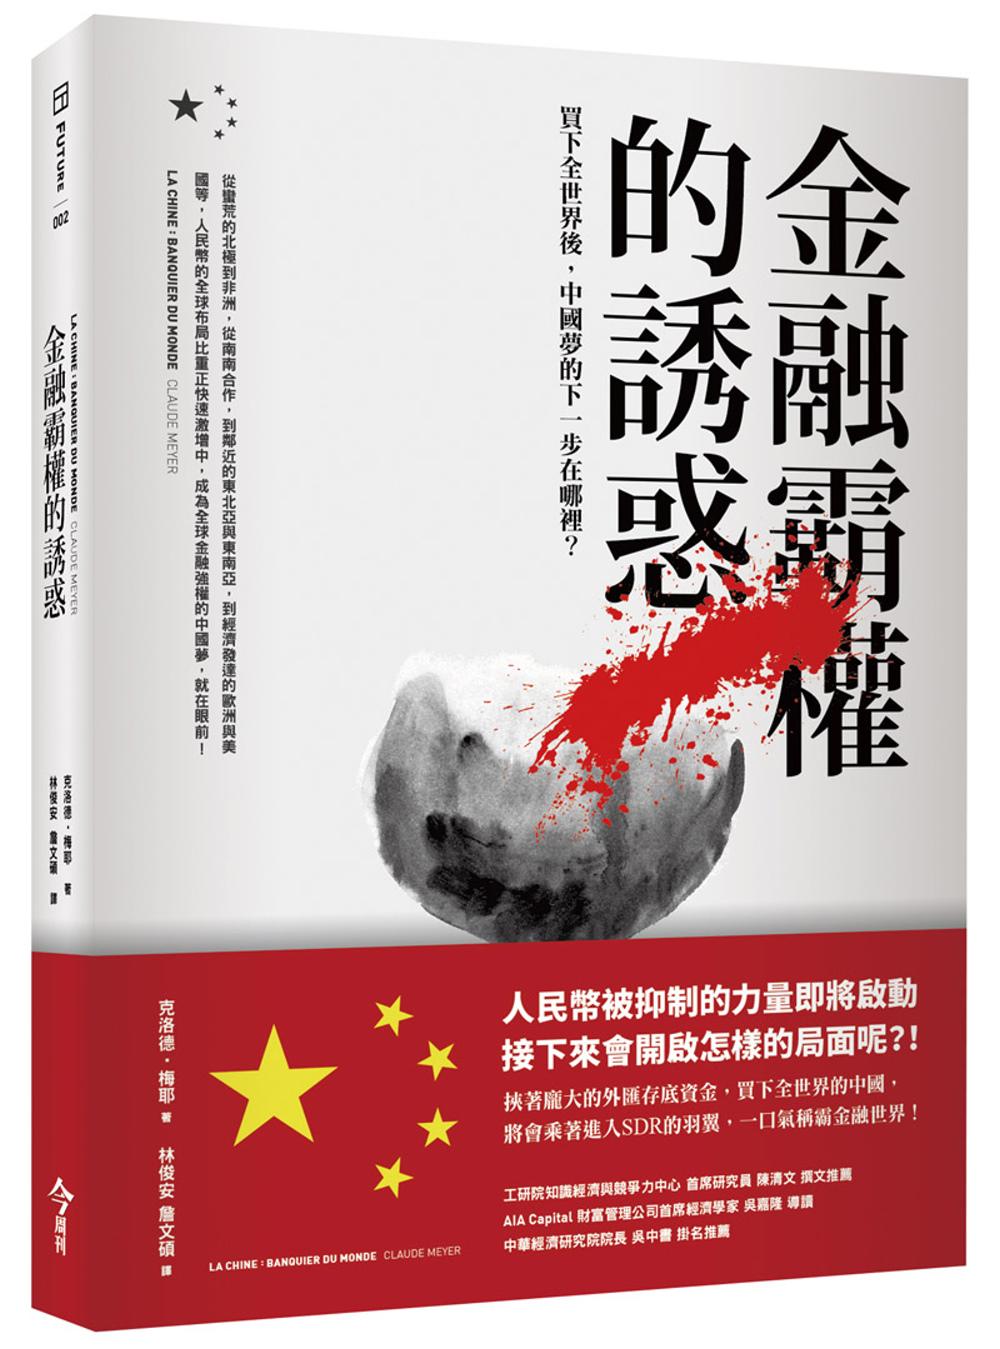 金融霸權的誘惑:買下全世界後,中國夢的下一步會往哪裡去?